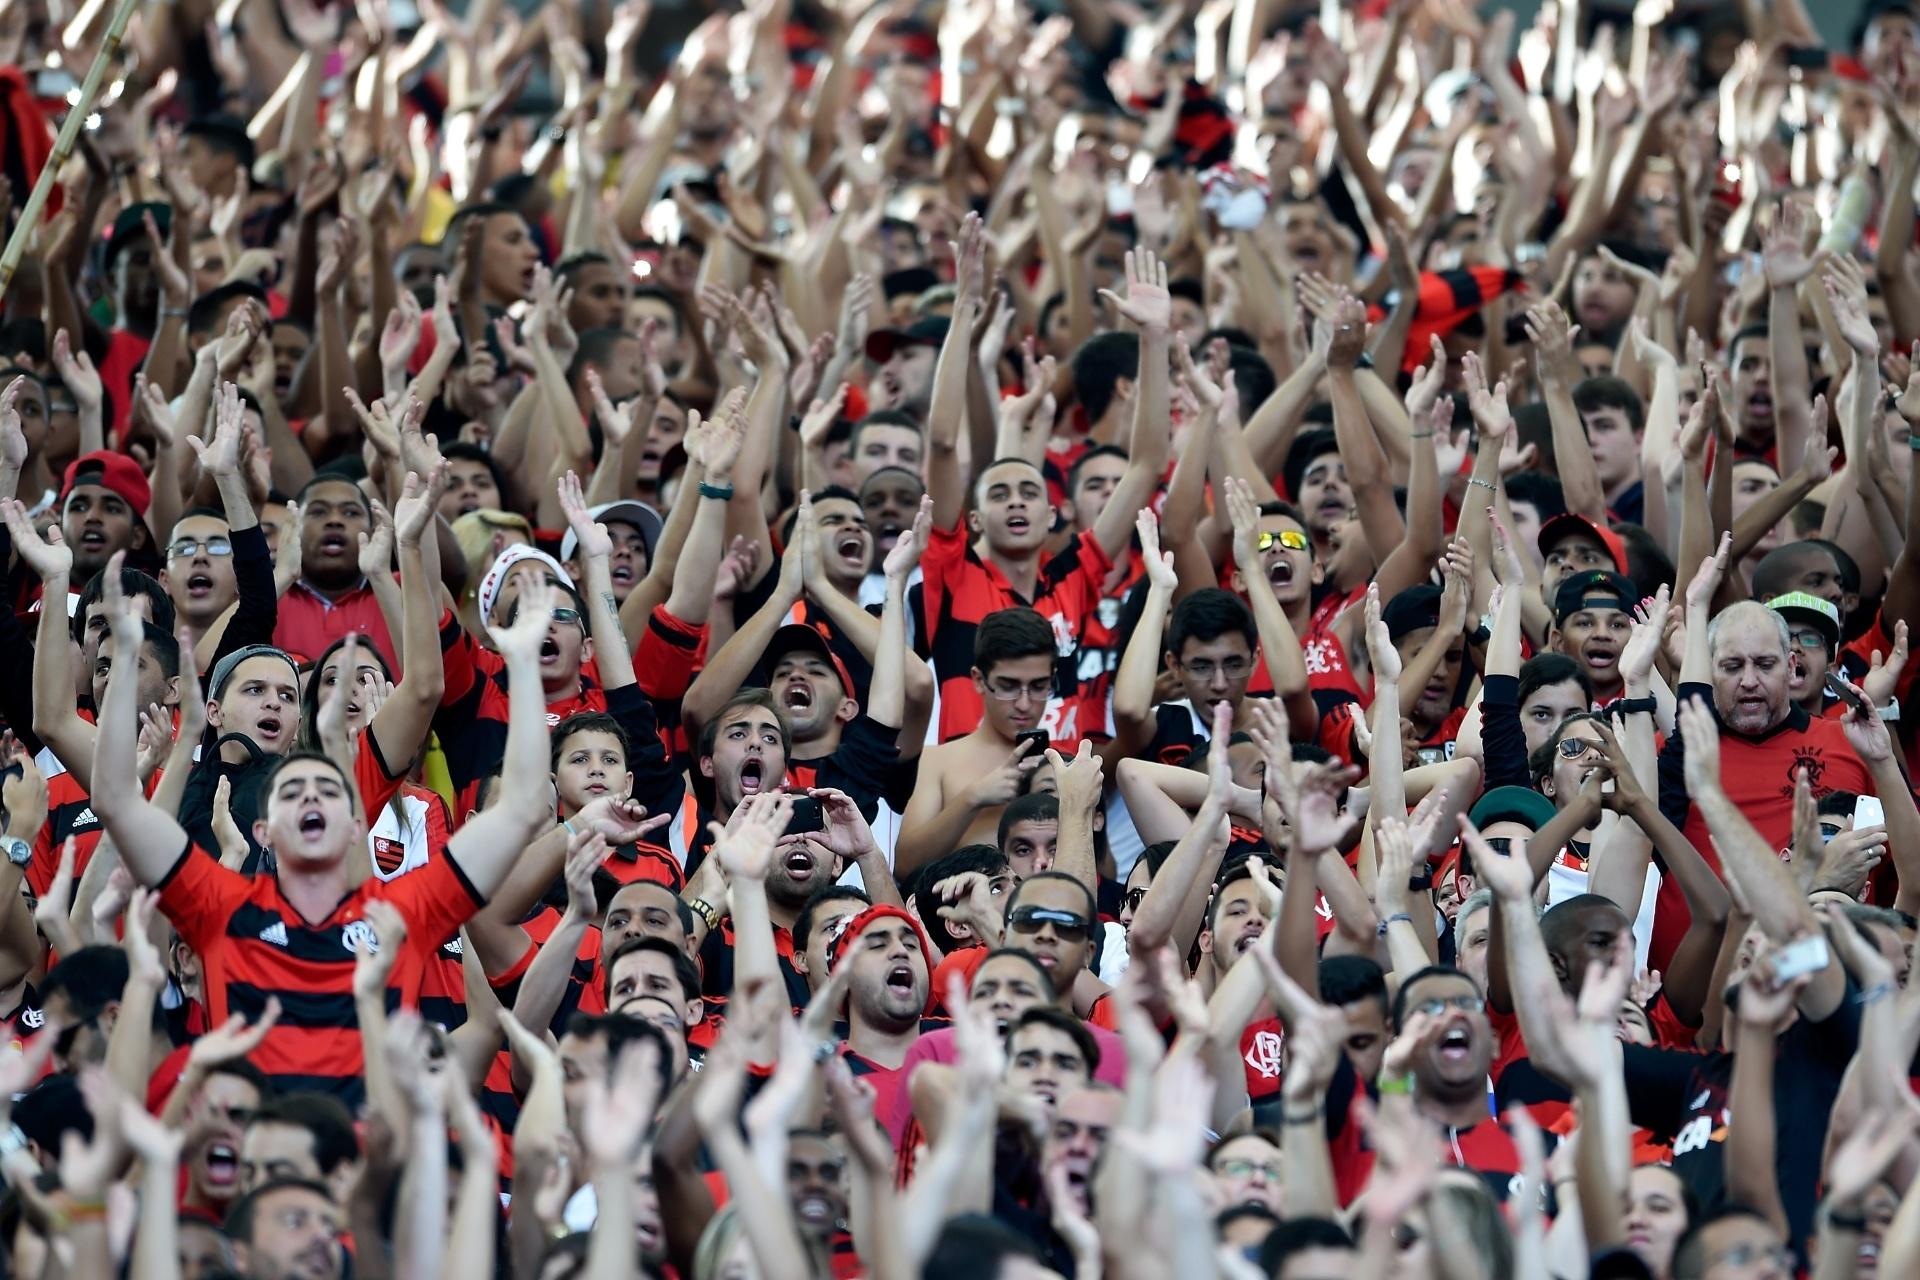 b7c7c55717 Torcida apoia Flamengo em último treino antes de duelo contra Coritiba -  16 08 2014 - UOL Esporte